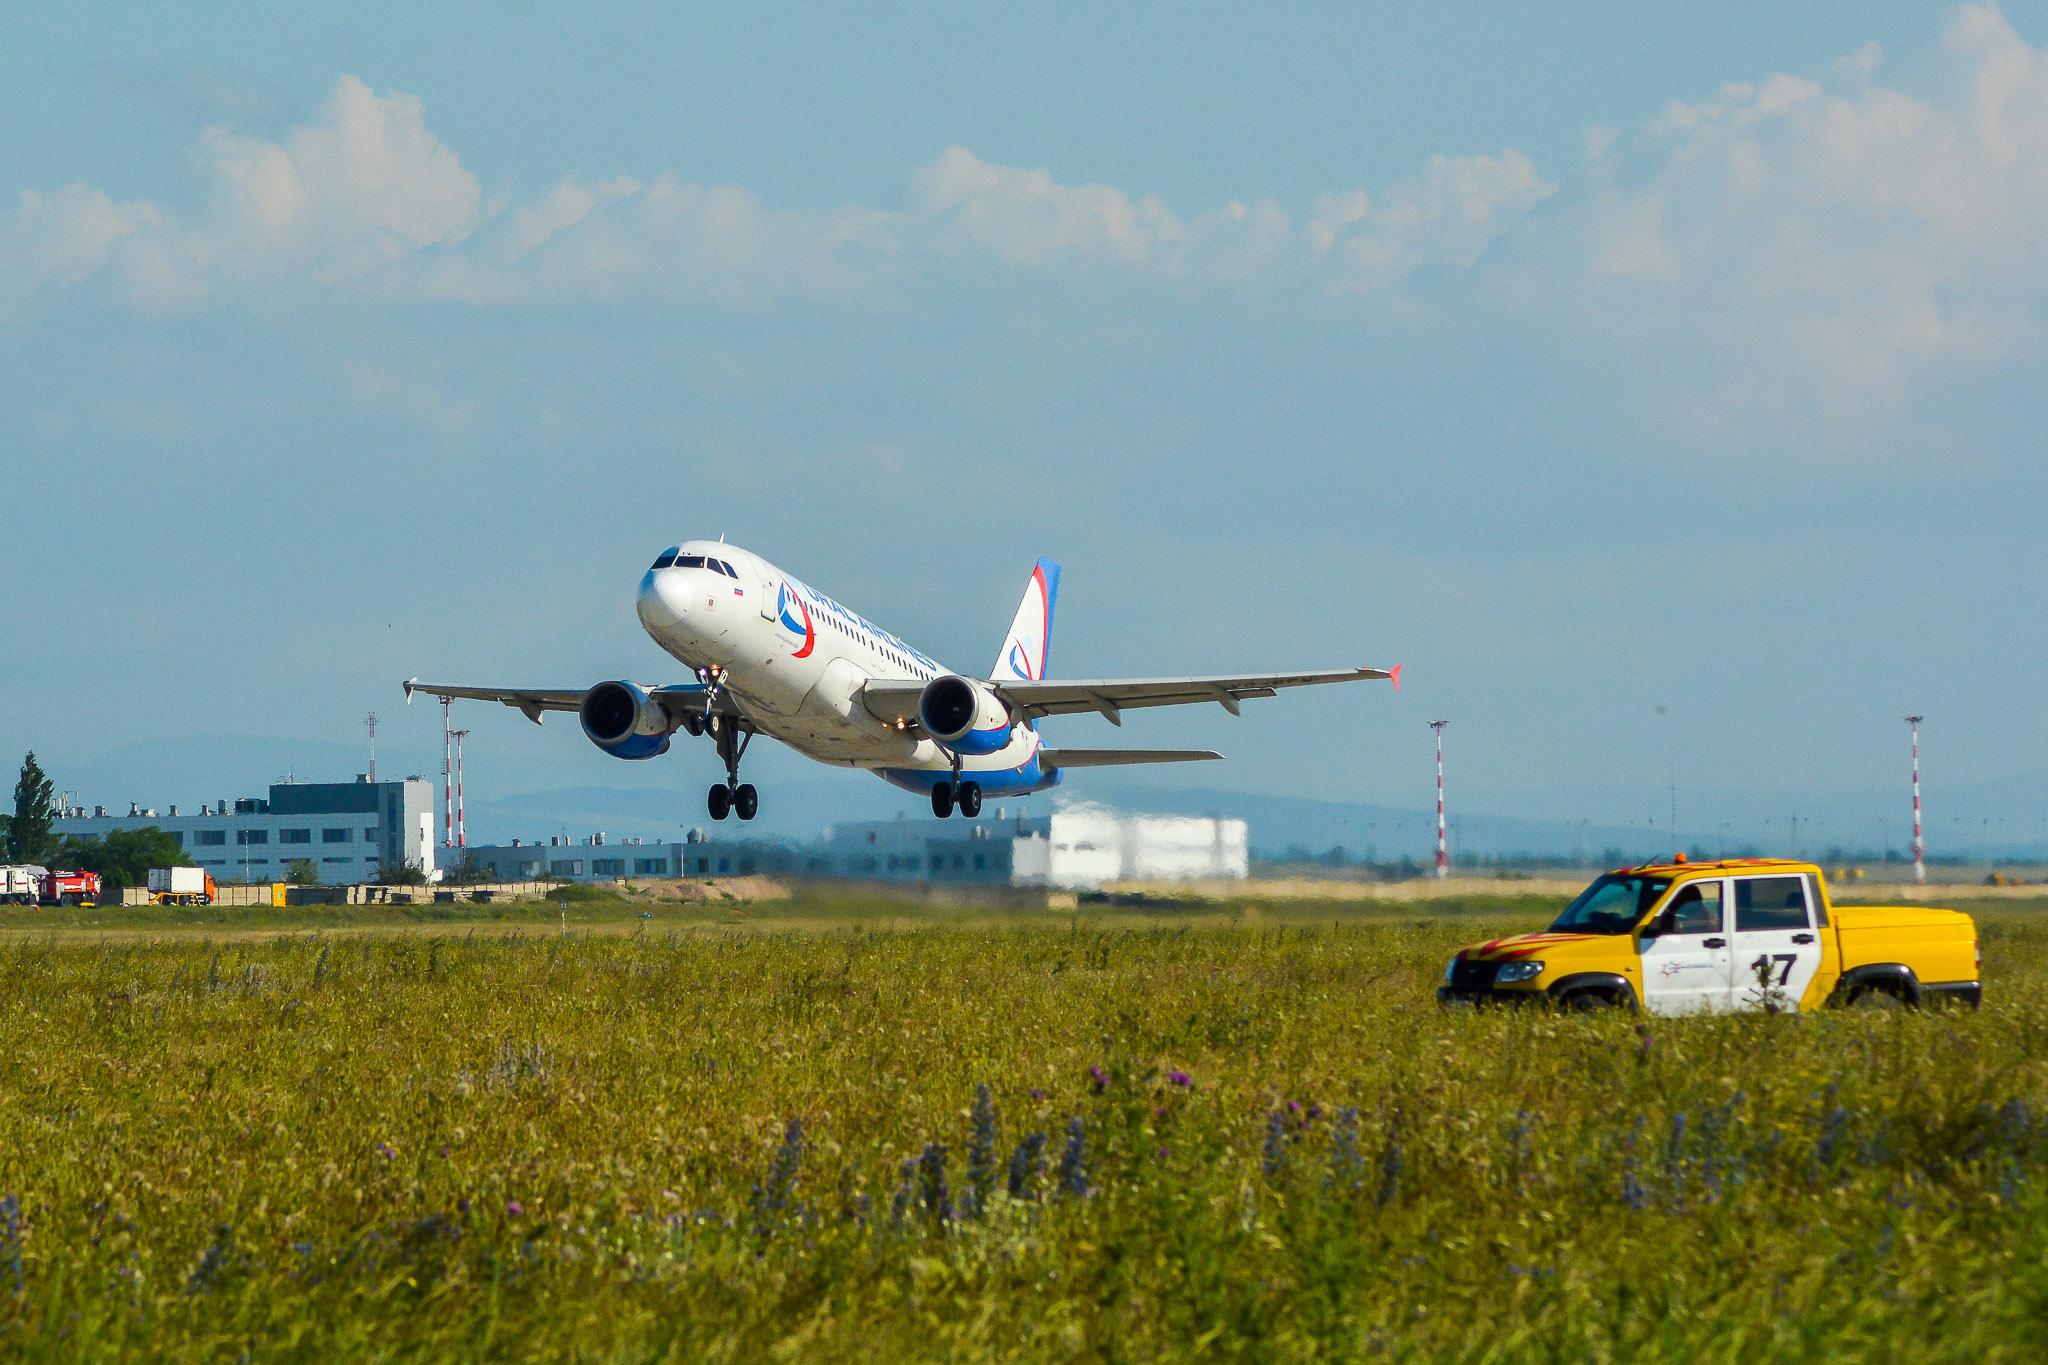 Аэропорт Симферополь собрал фотографов со всей страны для масштабной съемки